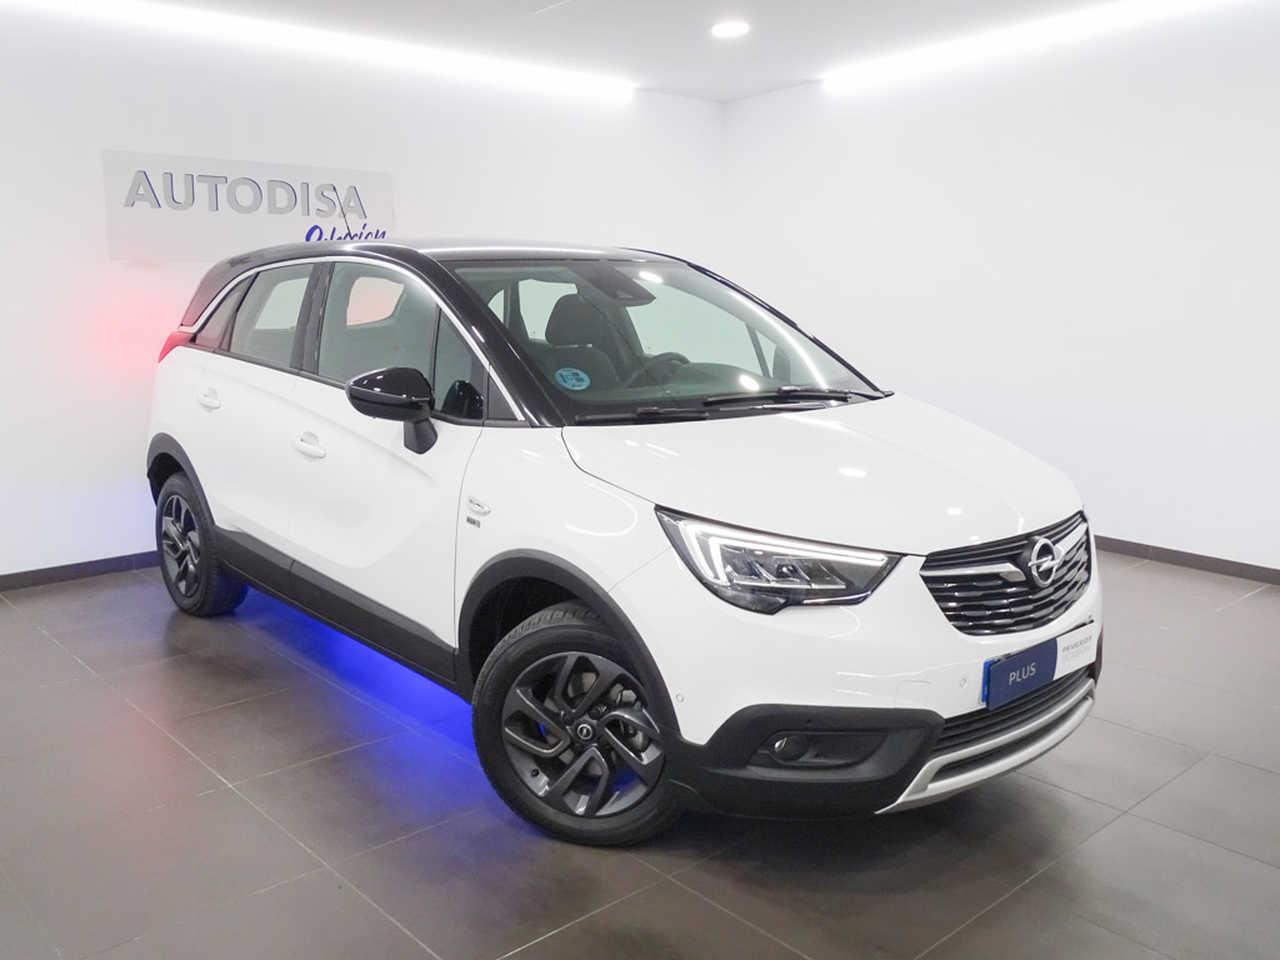 Opel Crossland X 1.2 GAS MT6 110 120 ANIVERSARIO